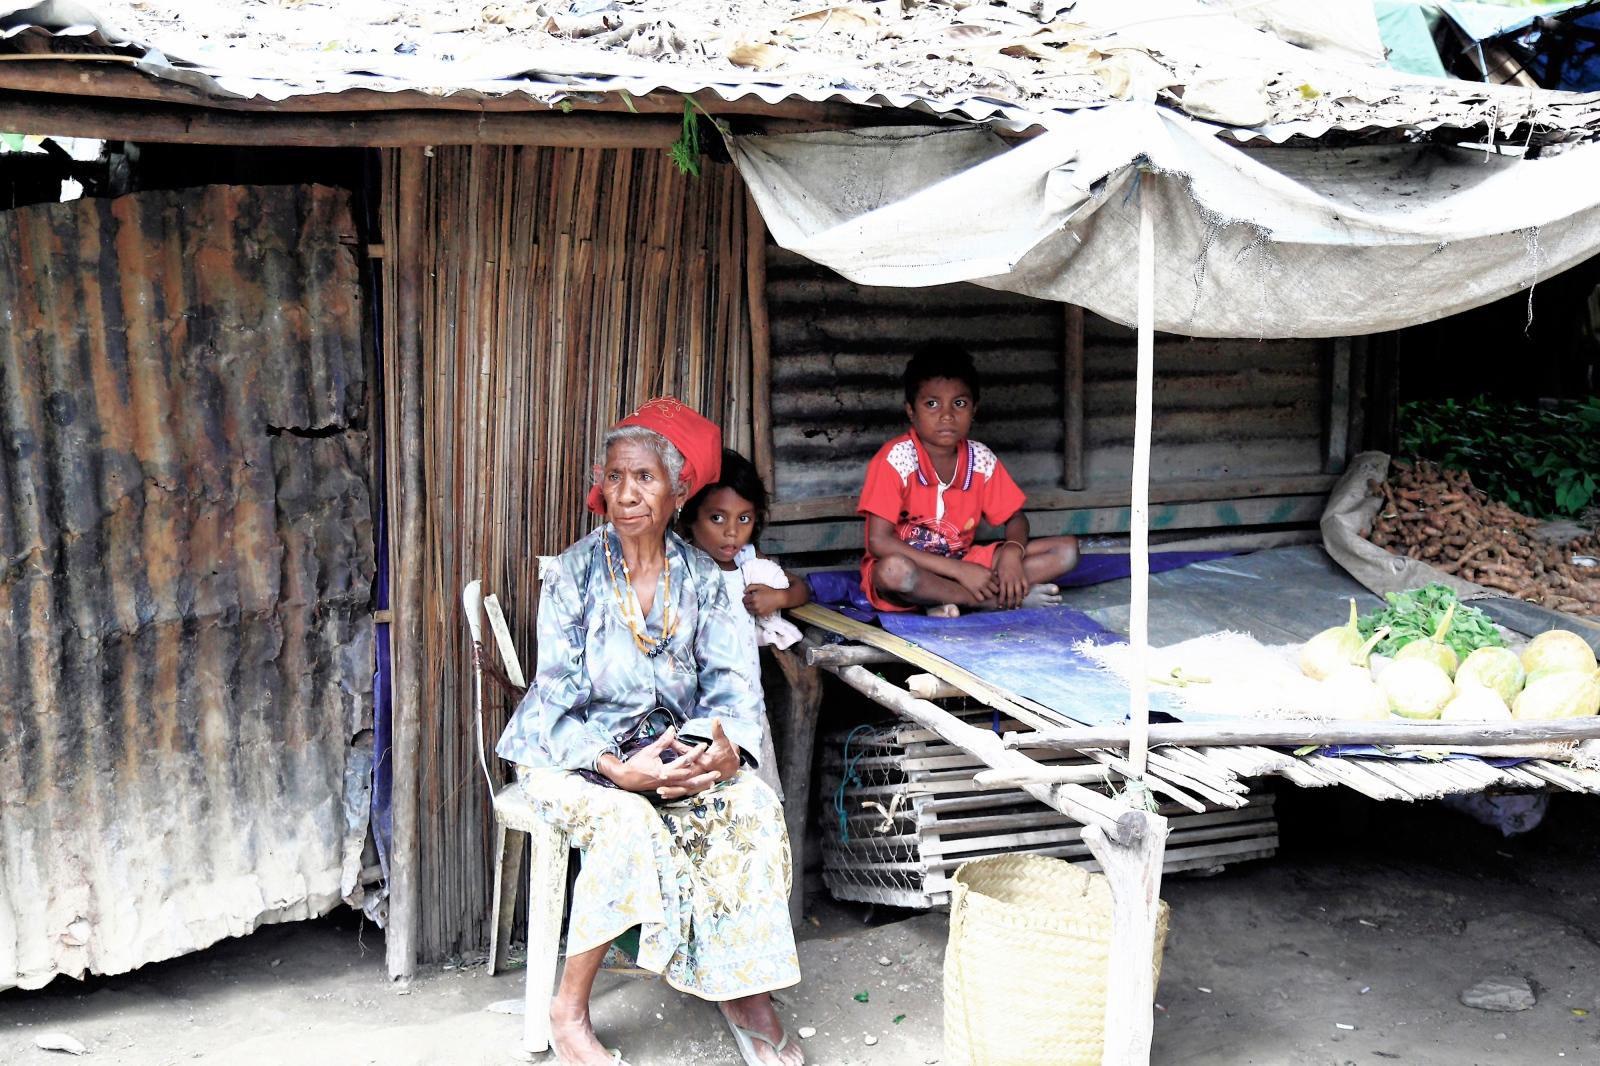 A grandmother looking after grand children a an...